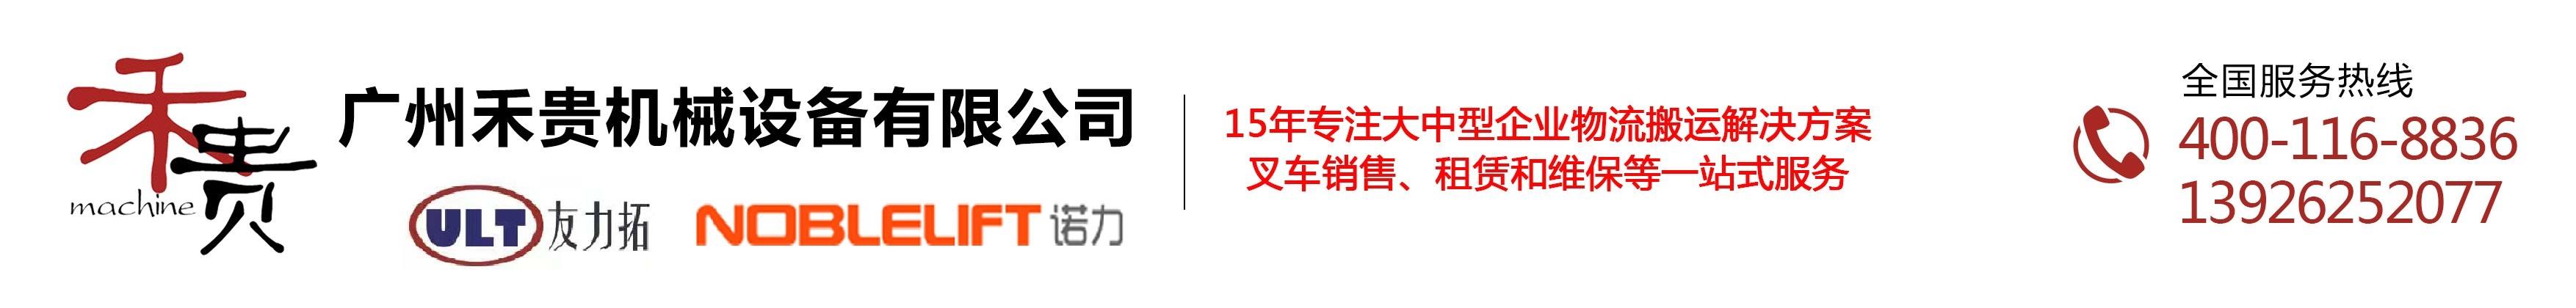 广州禾贵机械设备有限公司